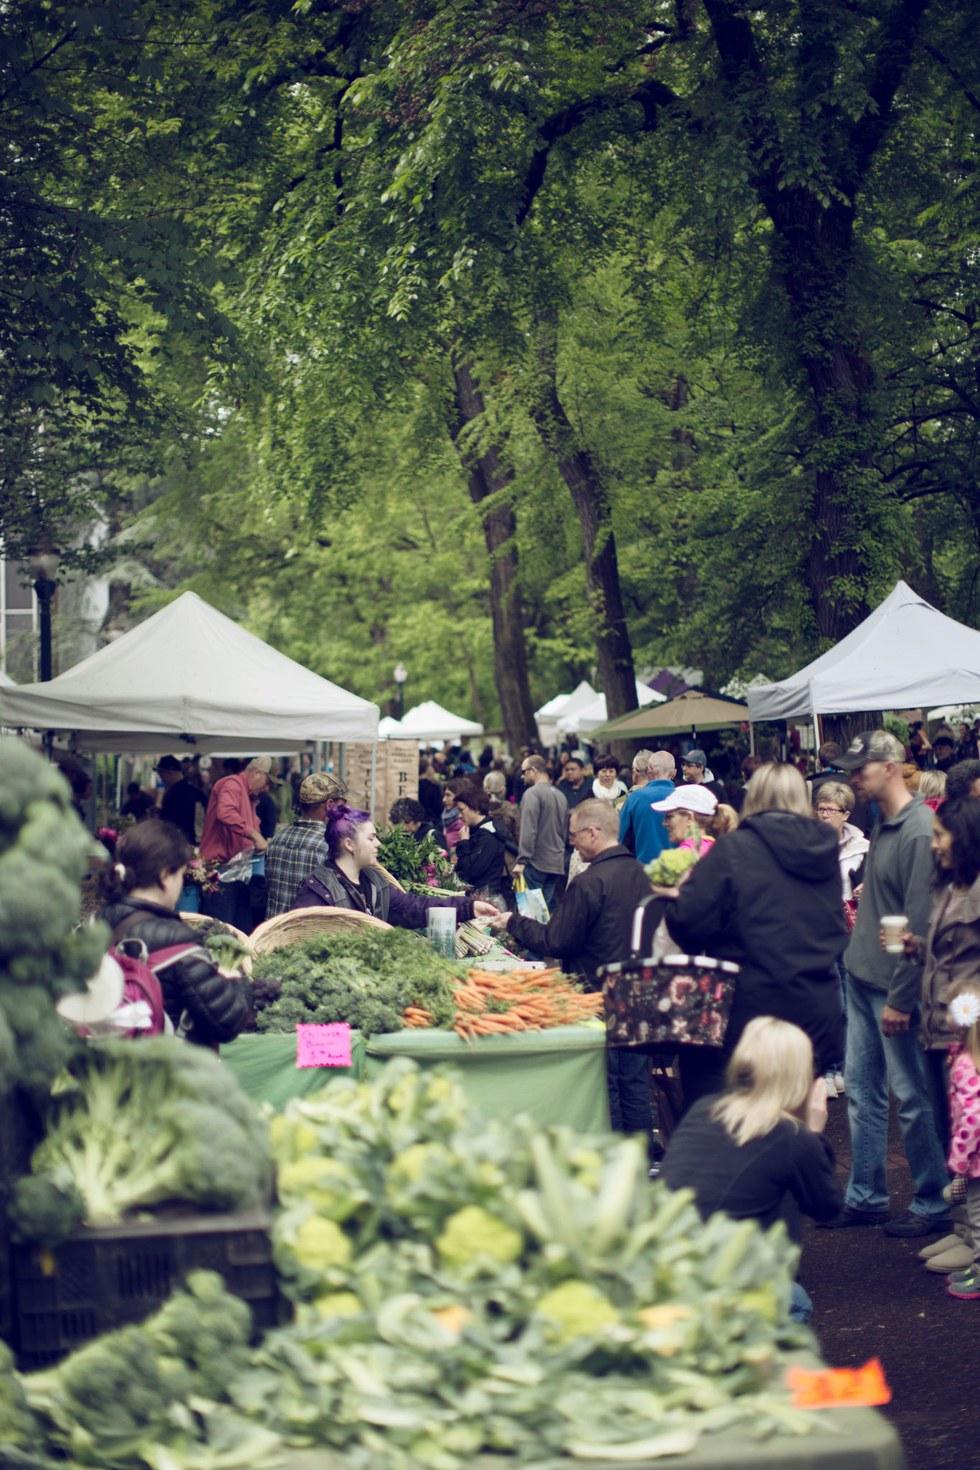 A farmers market in downtown Portland